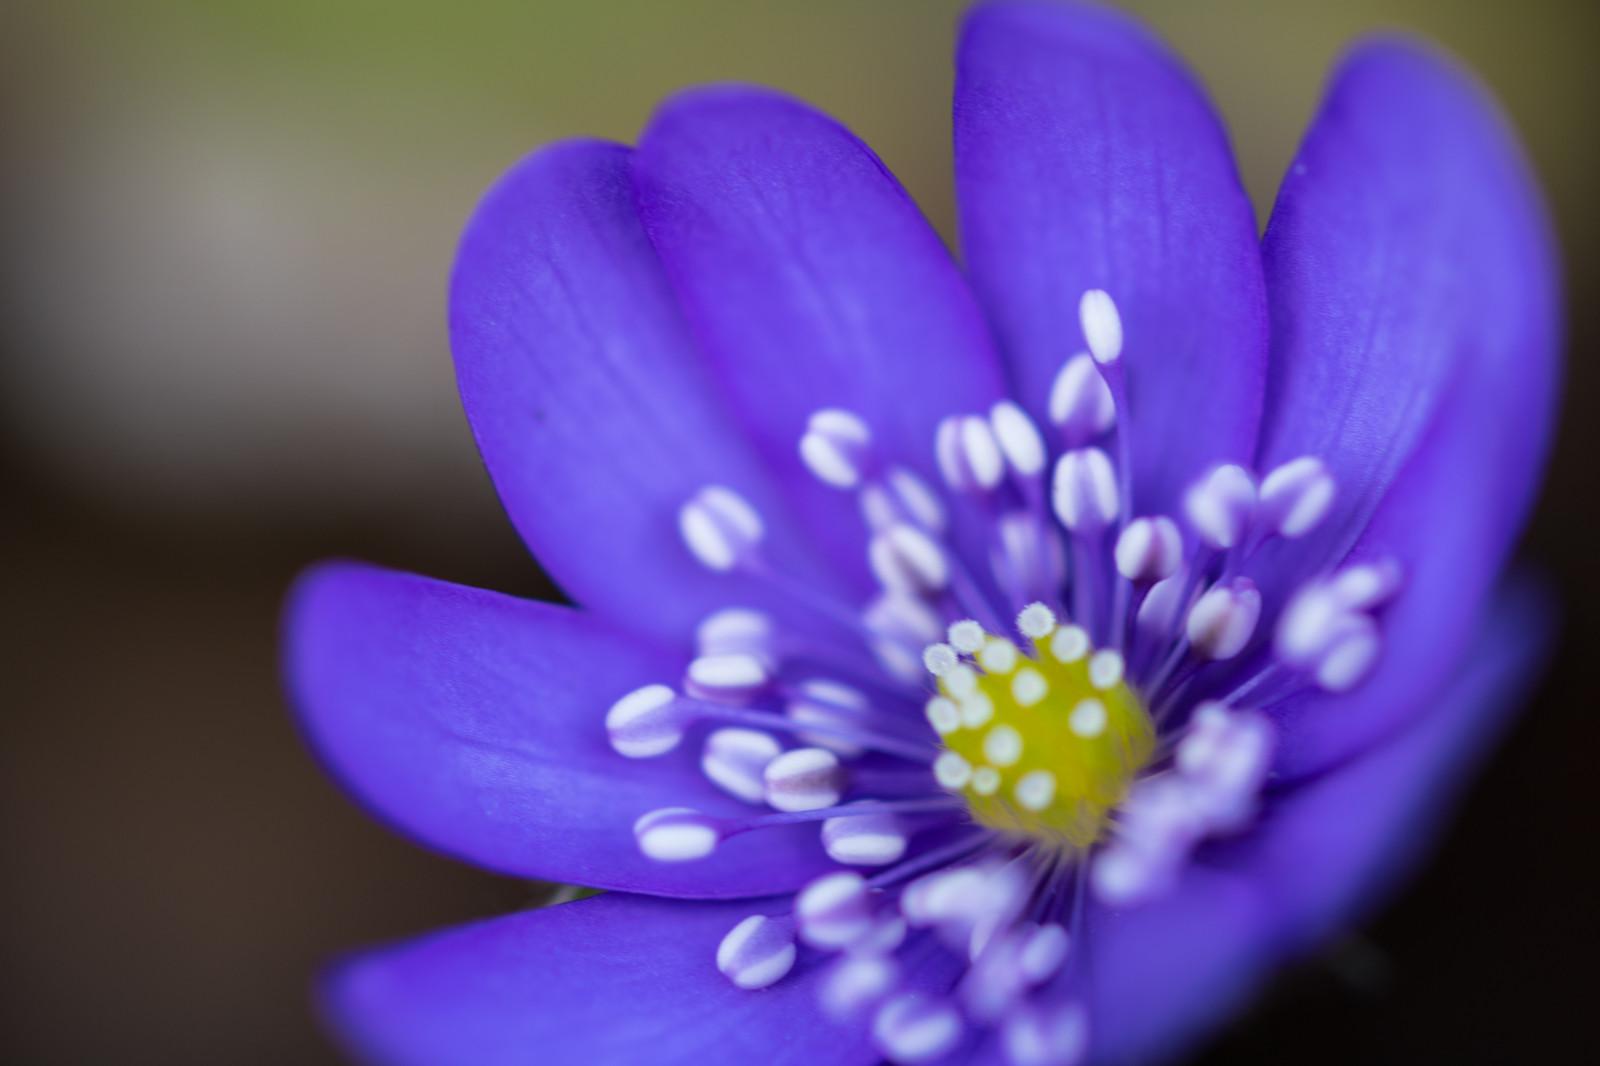 Violet Flower Hd Wallpaper Fond D 233 Cran La Photographie Violet Jaune Bleu Fleur